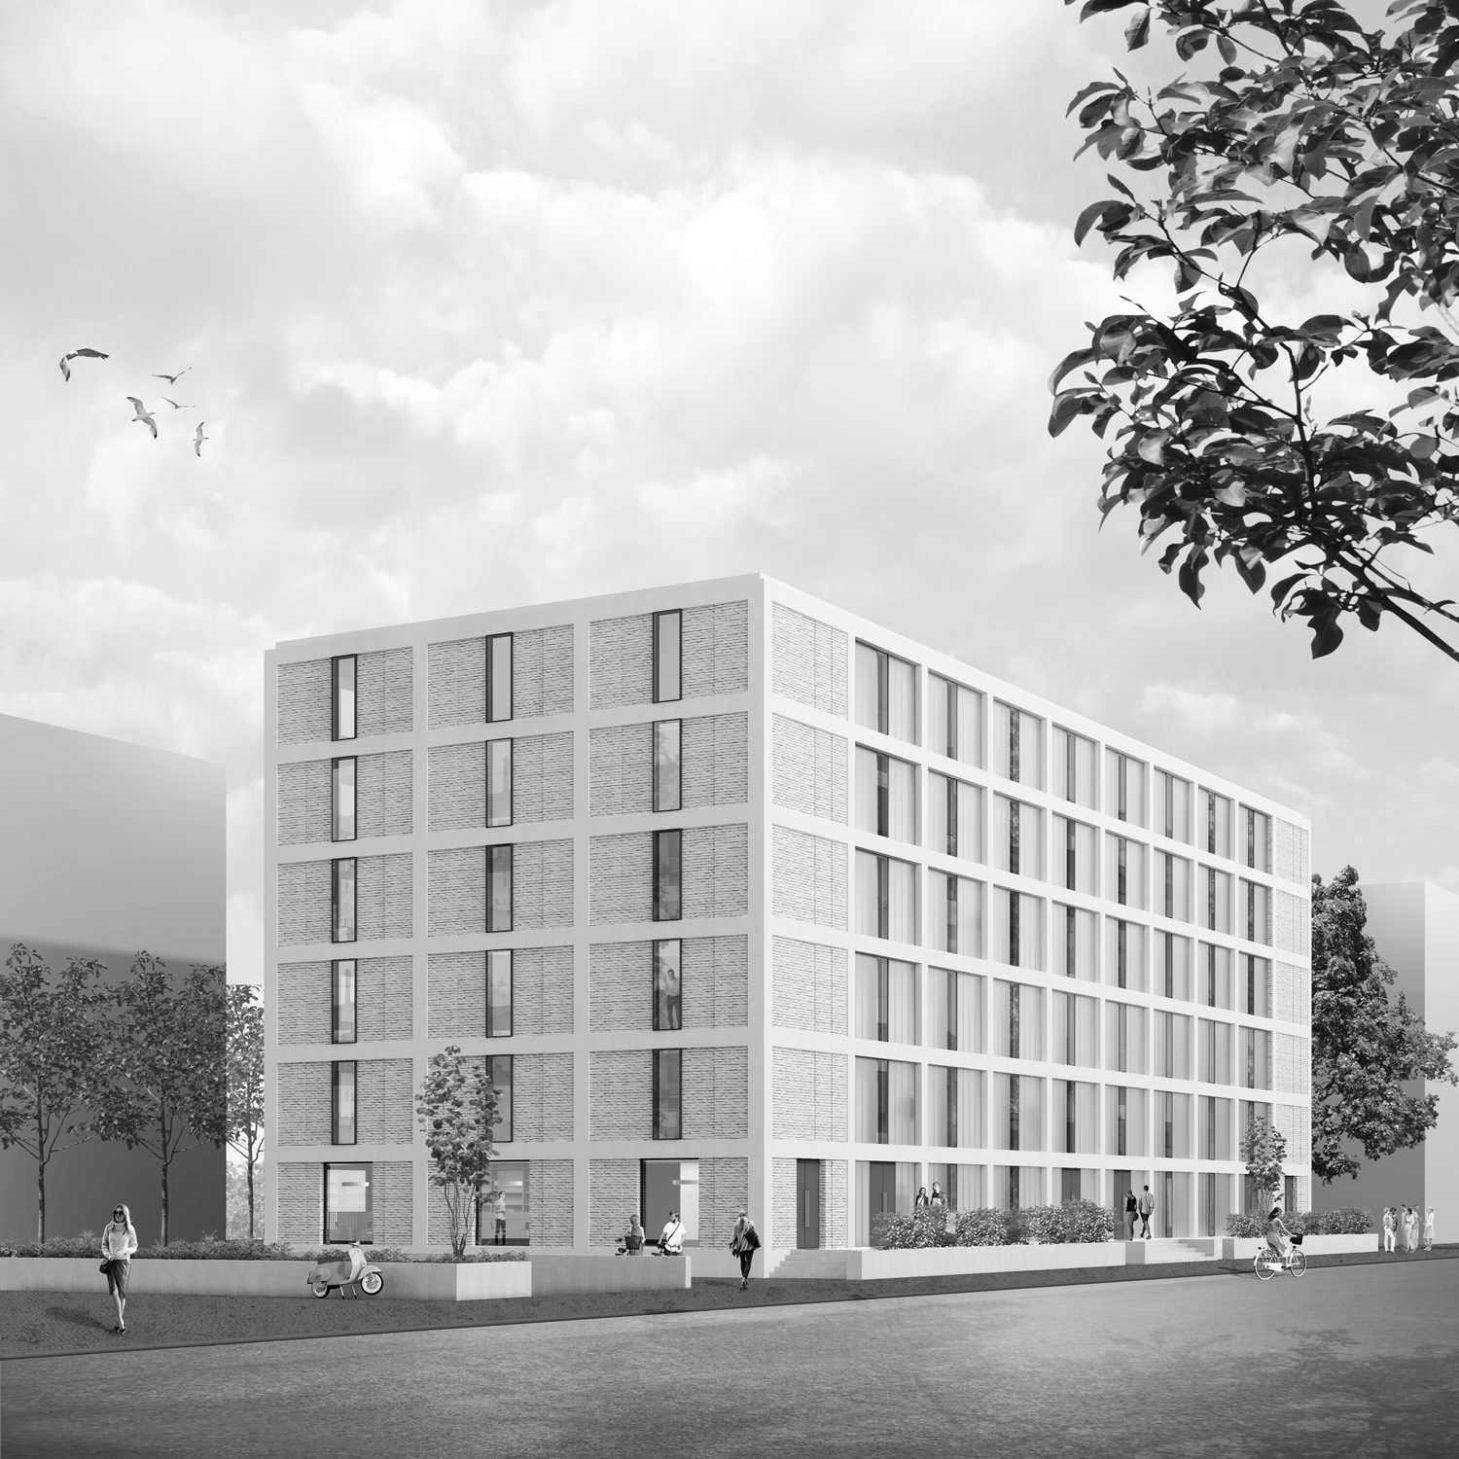 Neubau-urbanes-wohnen-bremen-schoenbornschmitz-architekten